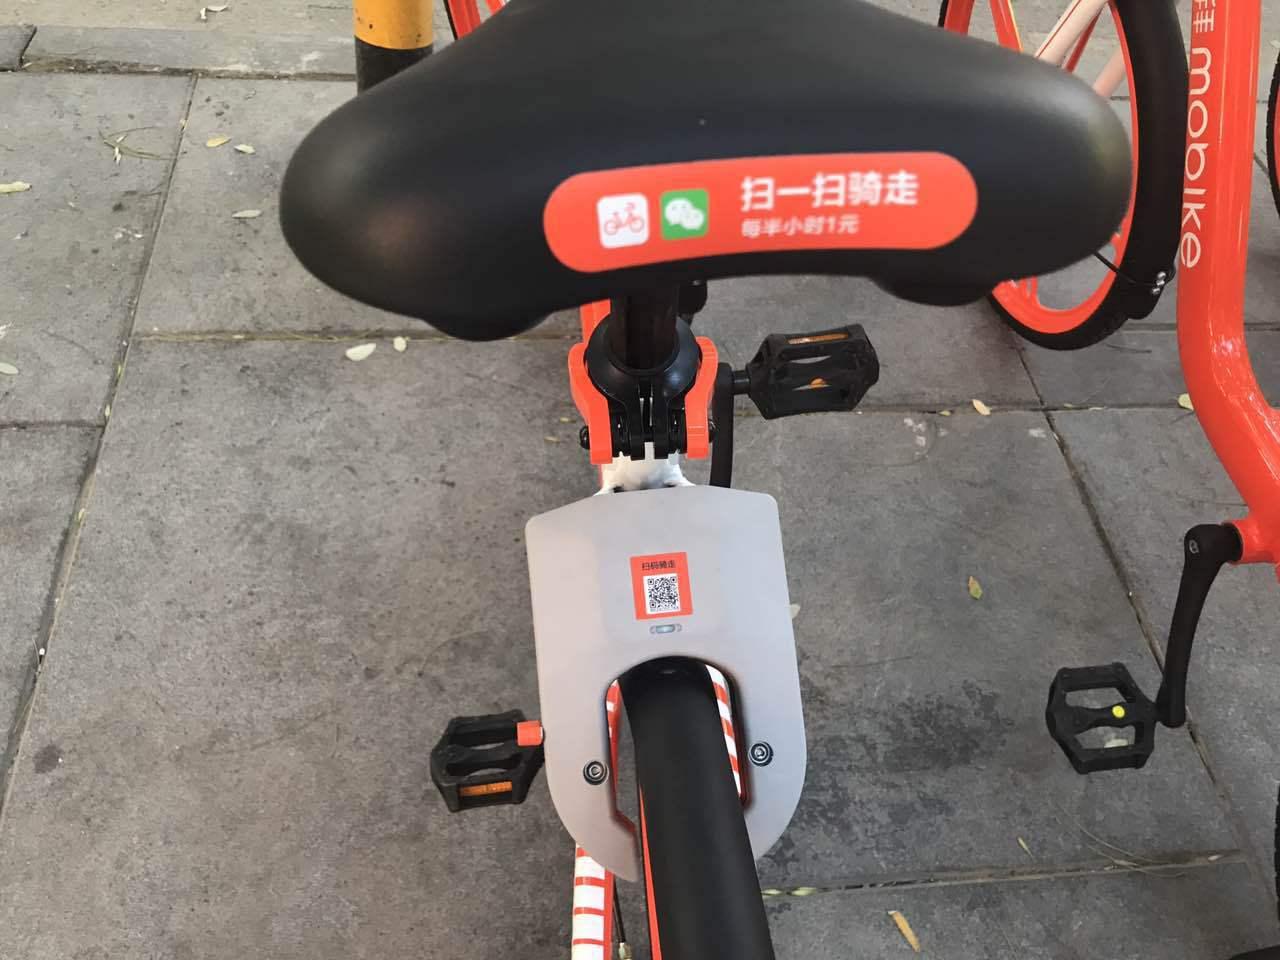 摩拜发布新一代单车:重15.5KG并配备新一代智能锁